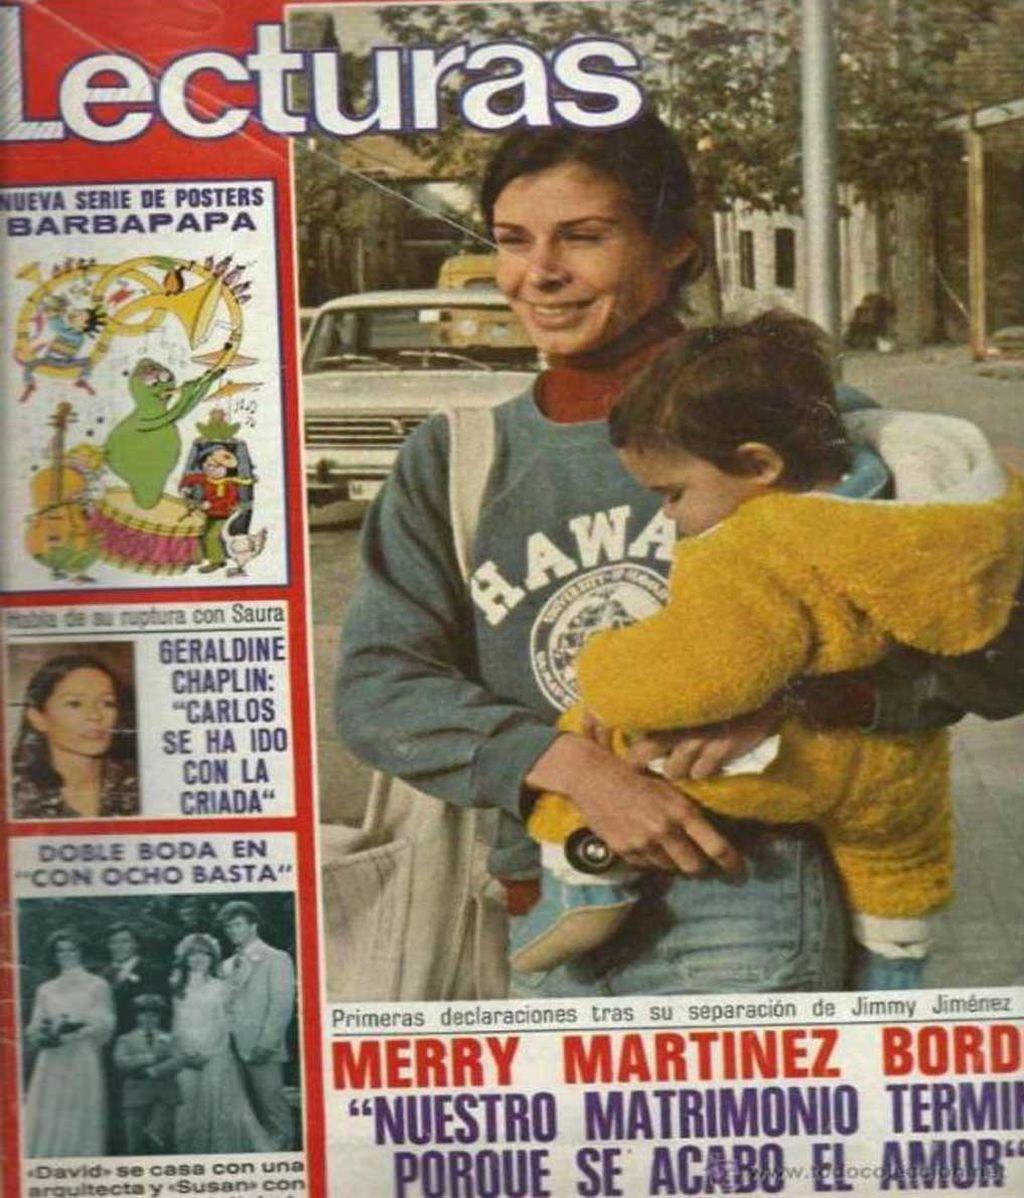 merry-martinez-bordiu-en-la-prensa-de-la-epoca-cuando-anuncio-su-divorcio